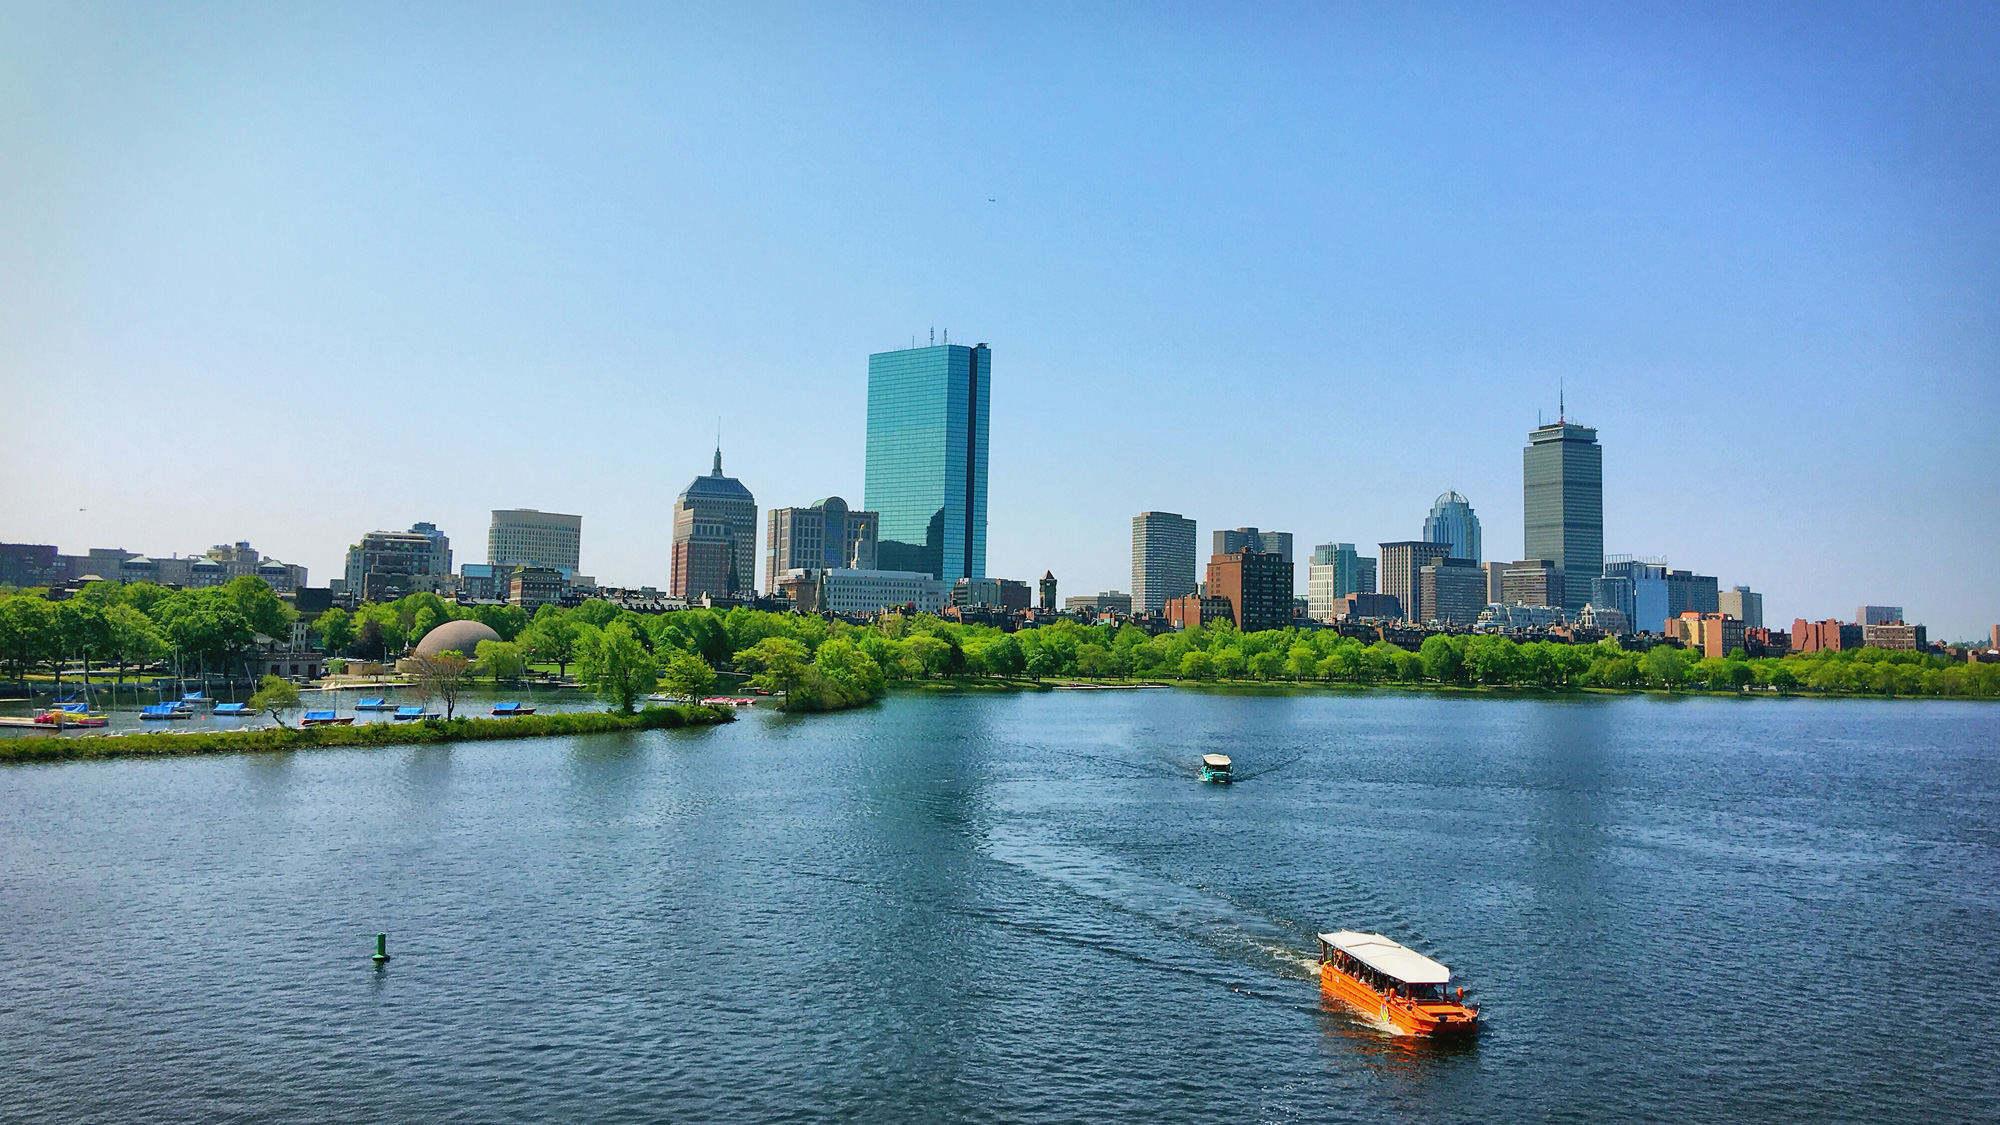 查尔斯河,对面是波士顿市区,最高的两座建筑分别是两大地标约翰汉考克大厦(John Hancoock Building)和普天寿大楼(Prudential Building)